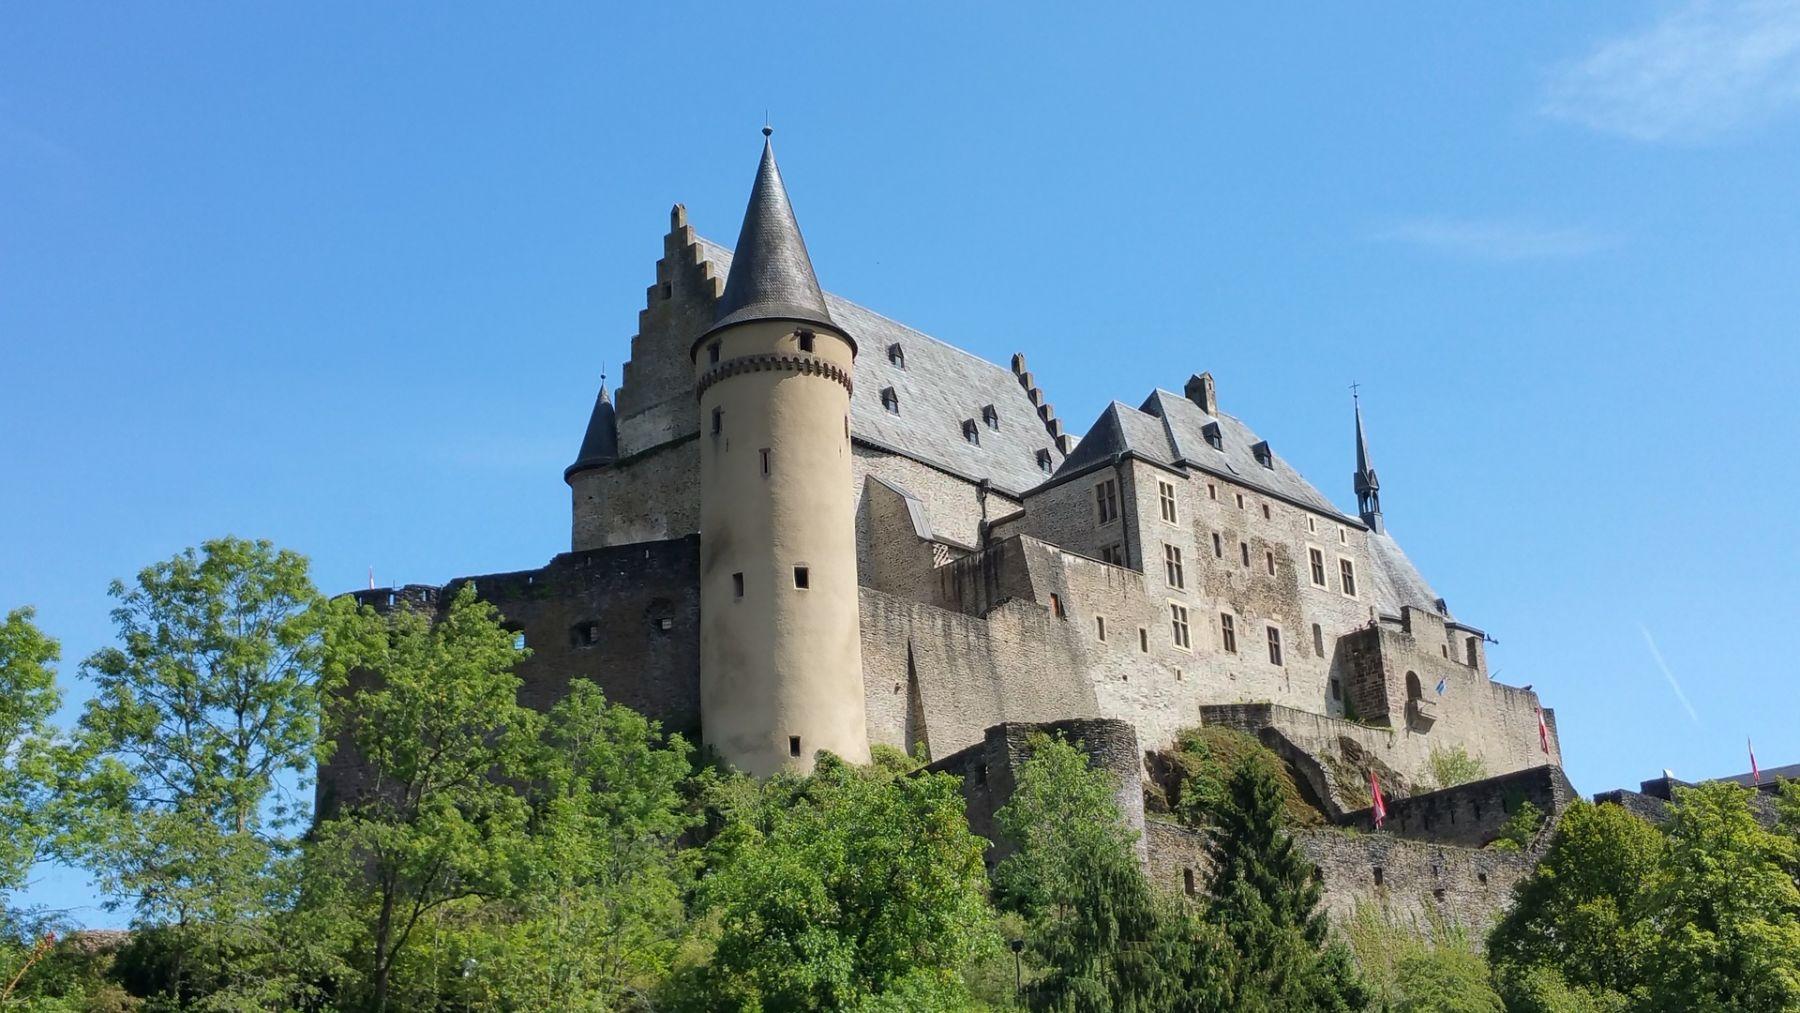 Luxemburg kasteel